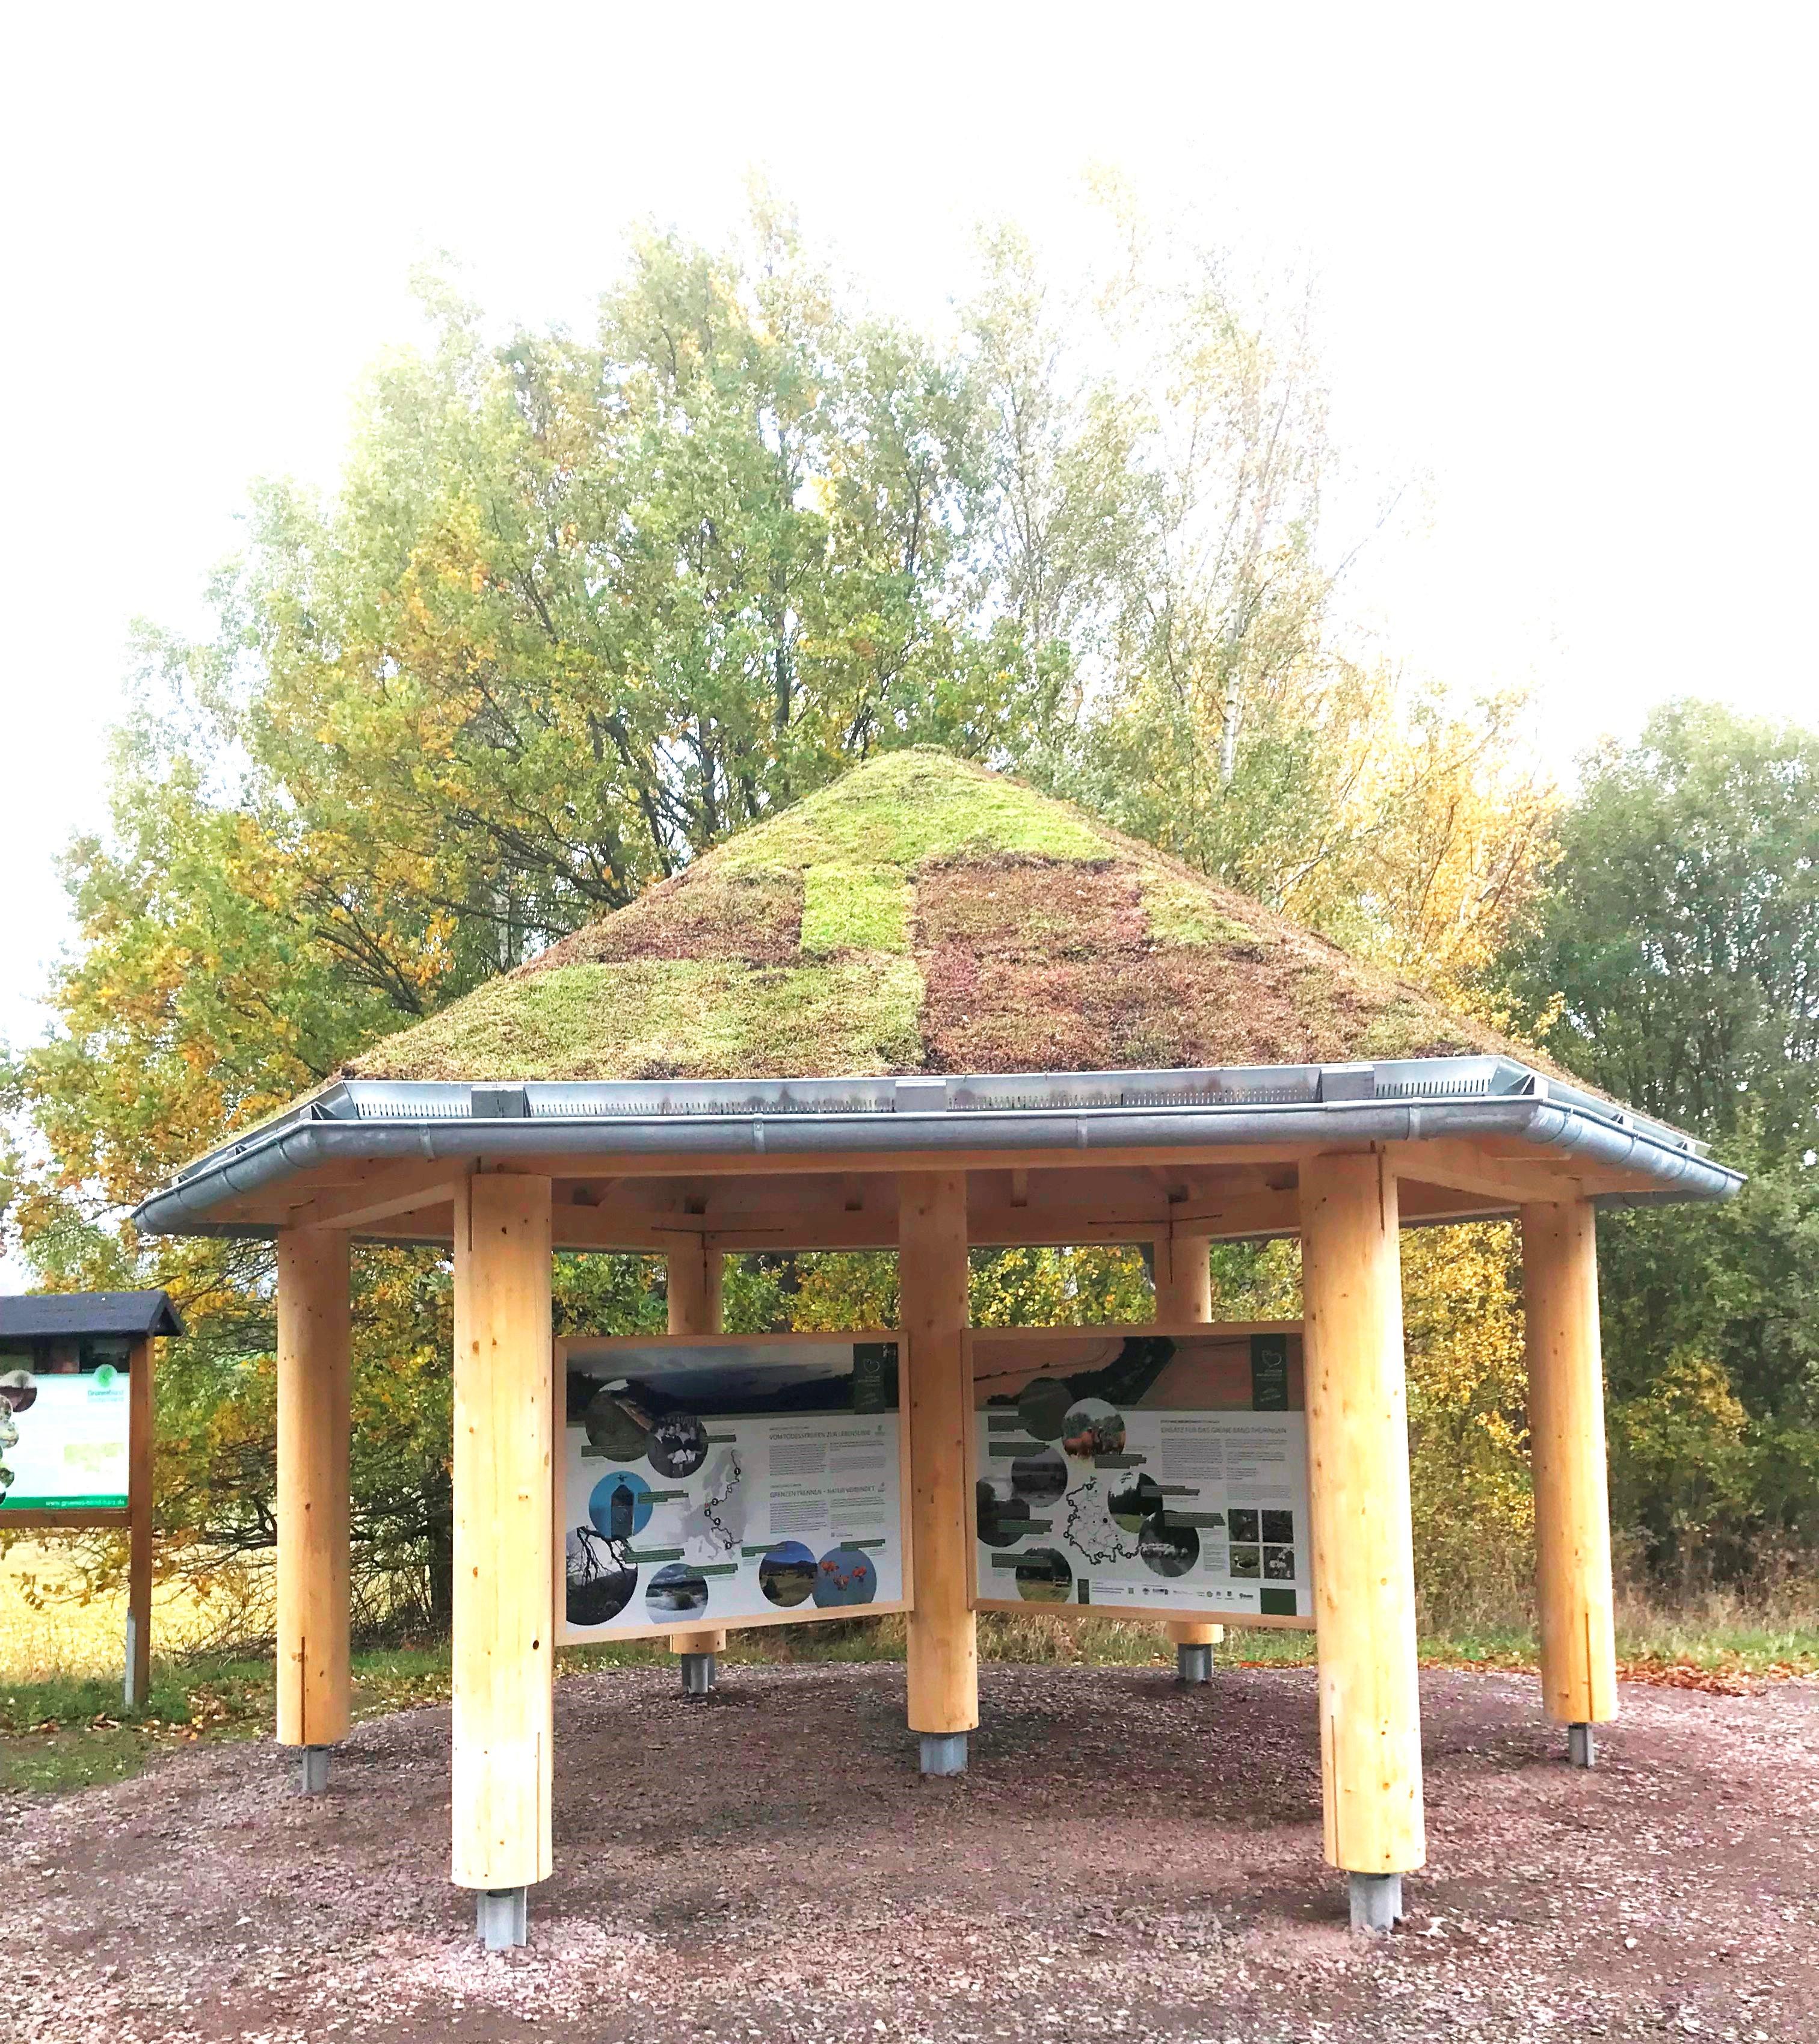 Ellrich Infopavillon, Sicht von Straße, Quelle: Ingrid Werres, Stiftung Naturschutz Thüringen